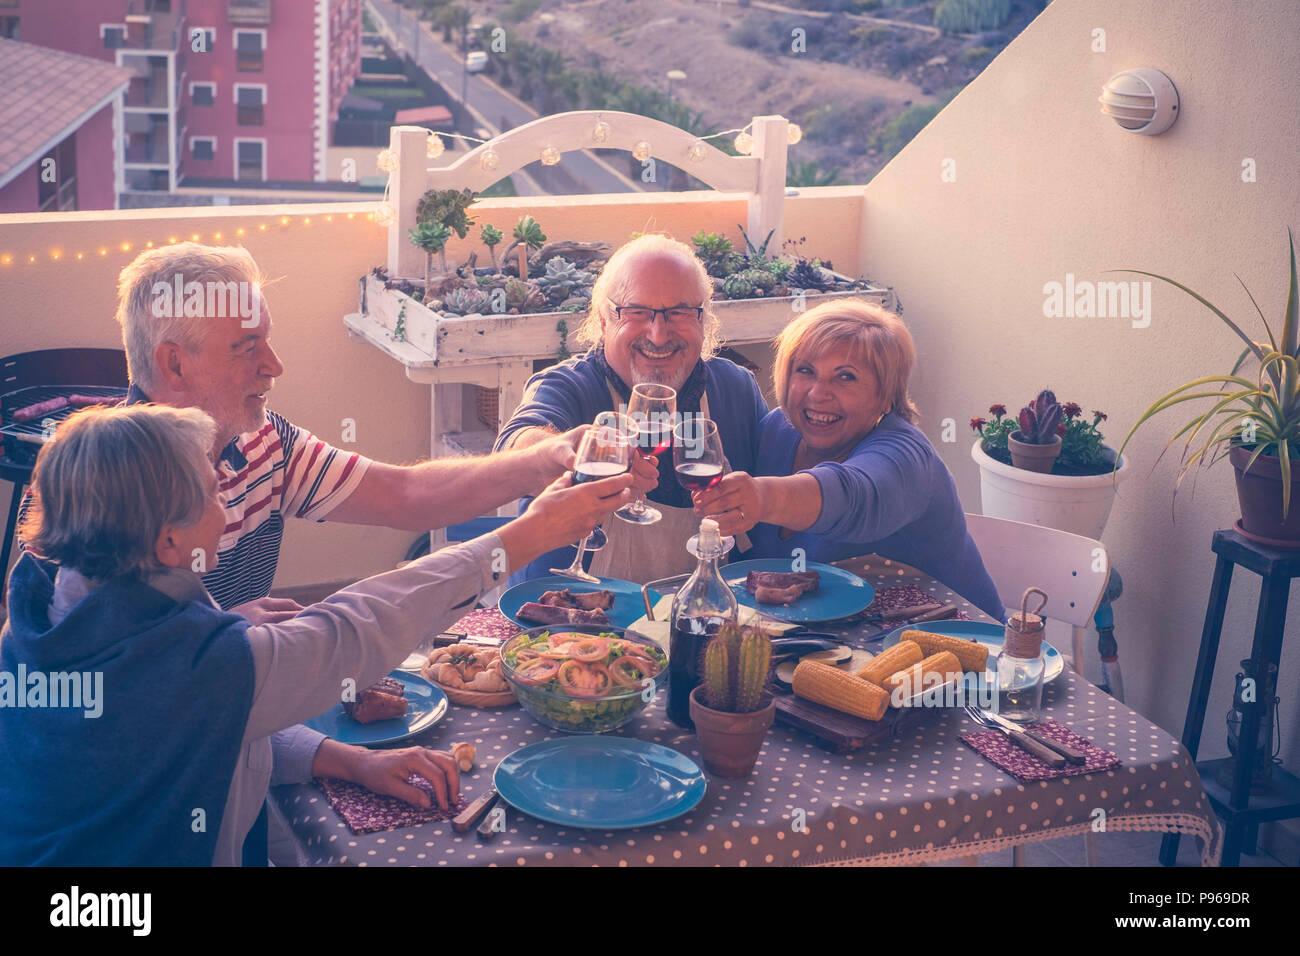 Groupe d'adultes de race blanche des personnes mûres manger et boire ensemble célébrer événement par nuit sur le toit avec vue sur la ville et la nature. l'heure d'été un Photo Stock